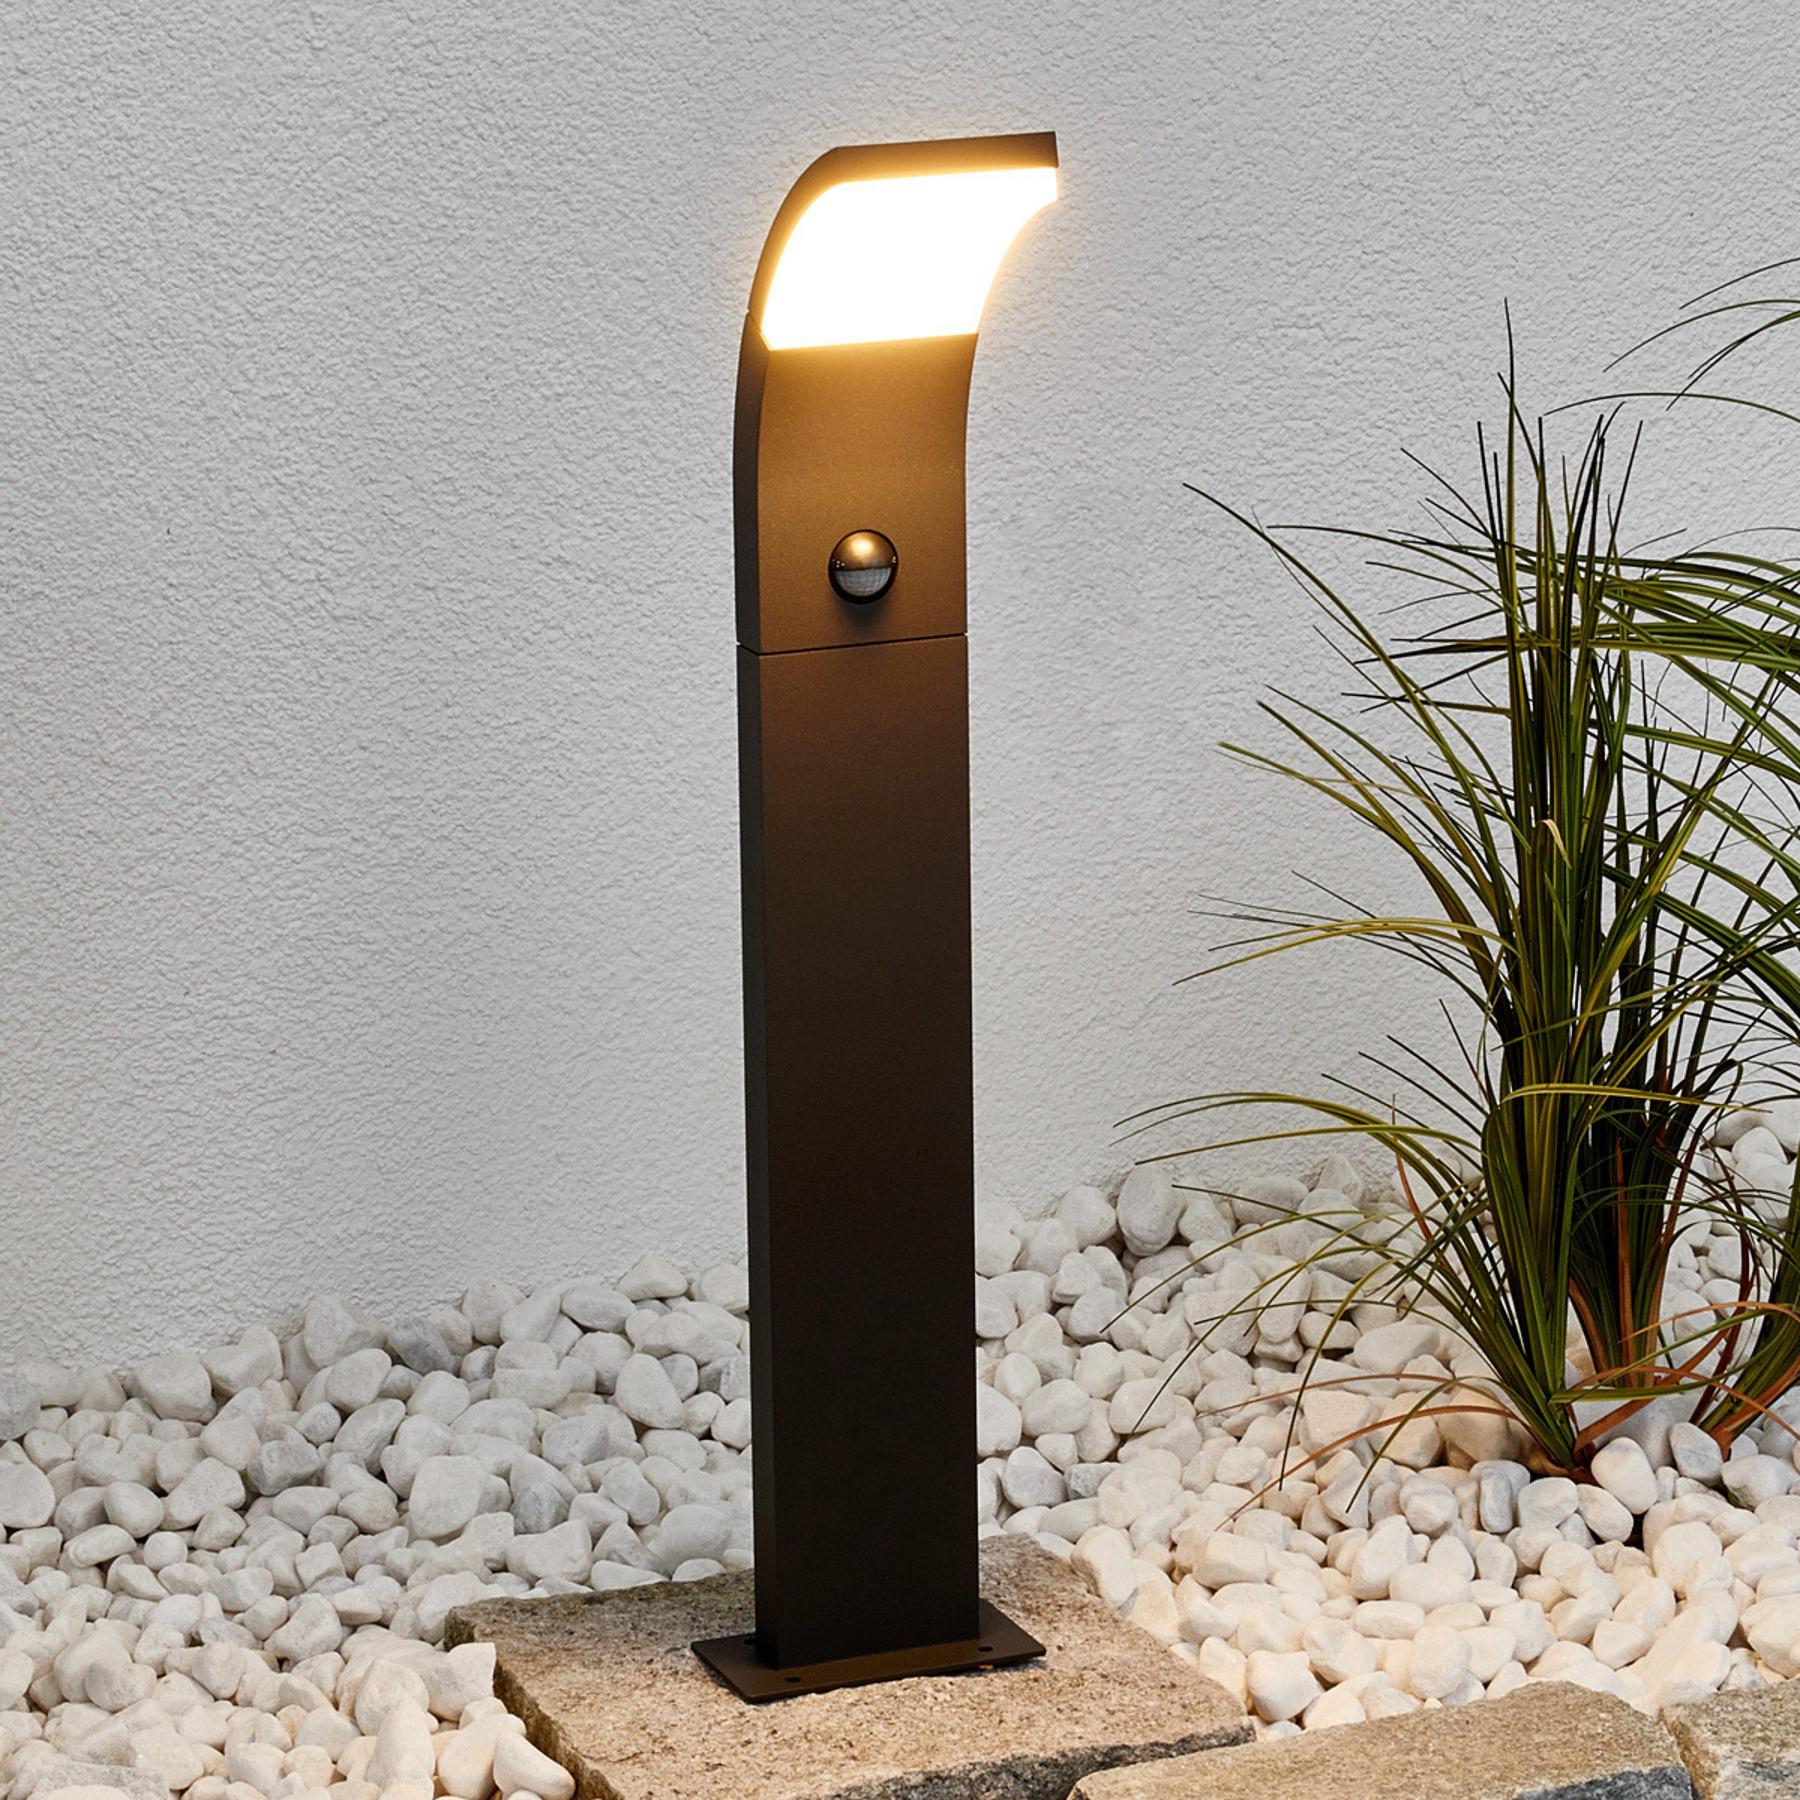 Timm - słupek ogrodowy LED z czujnikiem, 60 cm